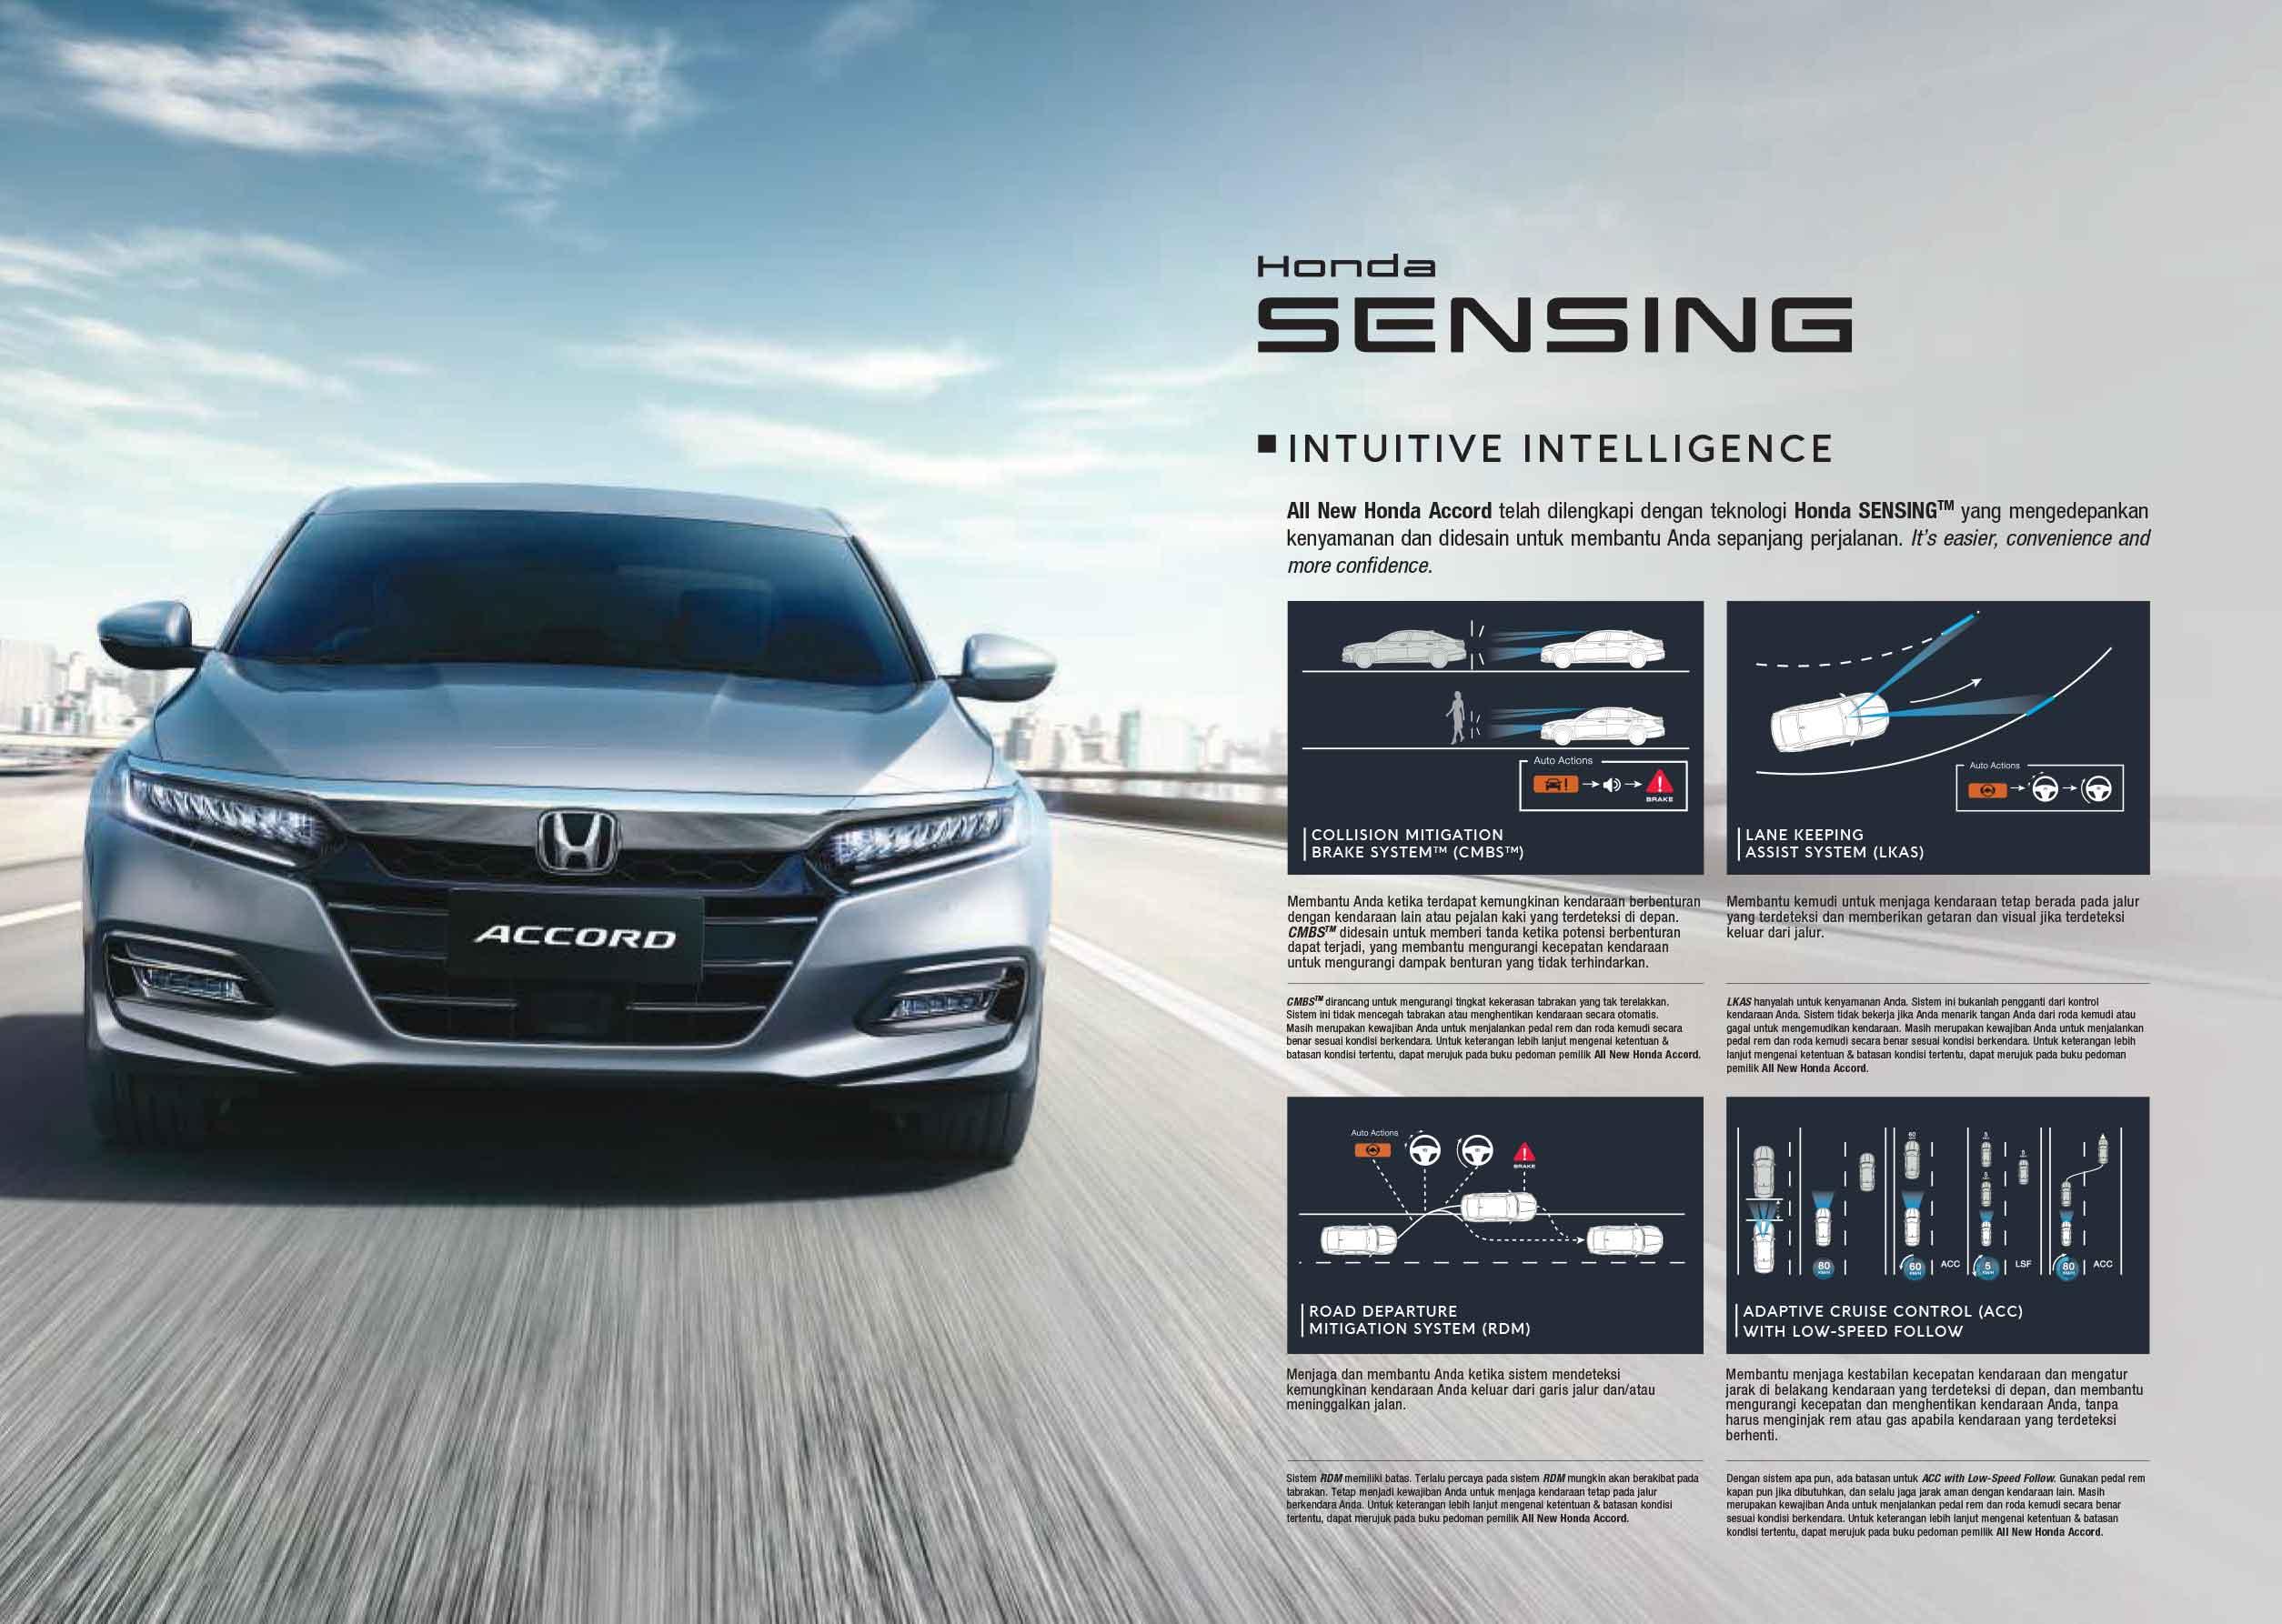 Mengenal teknologi Honda Sensing pada Honda Accord & Honda CR-V